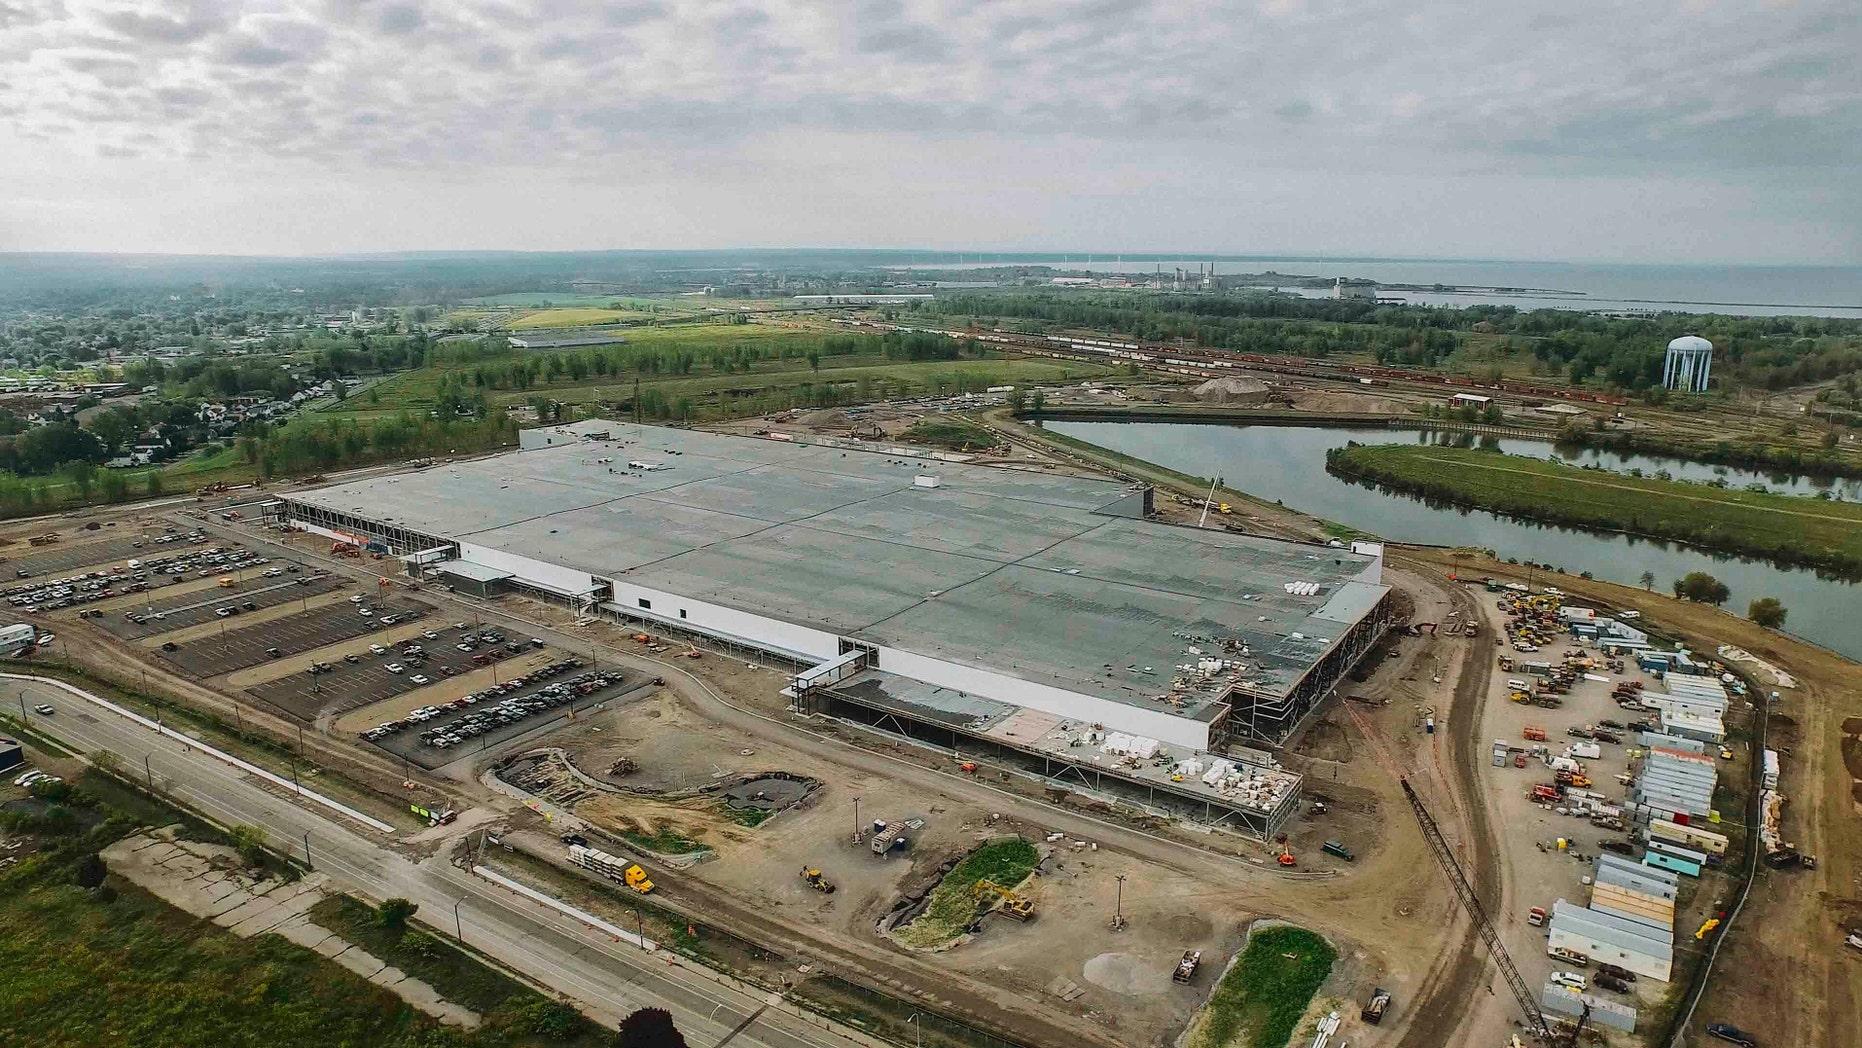 SolarCity's Buffalo, N.Y. plant under construction.